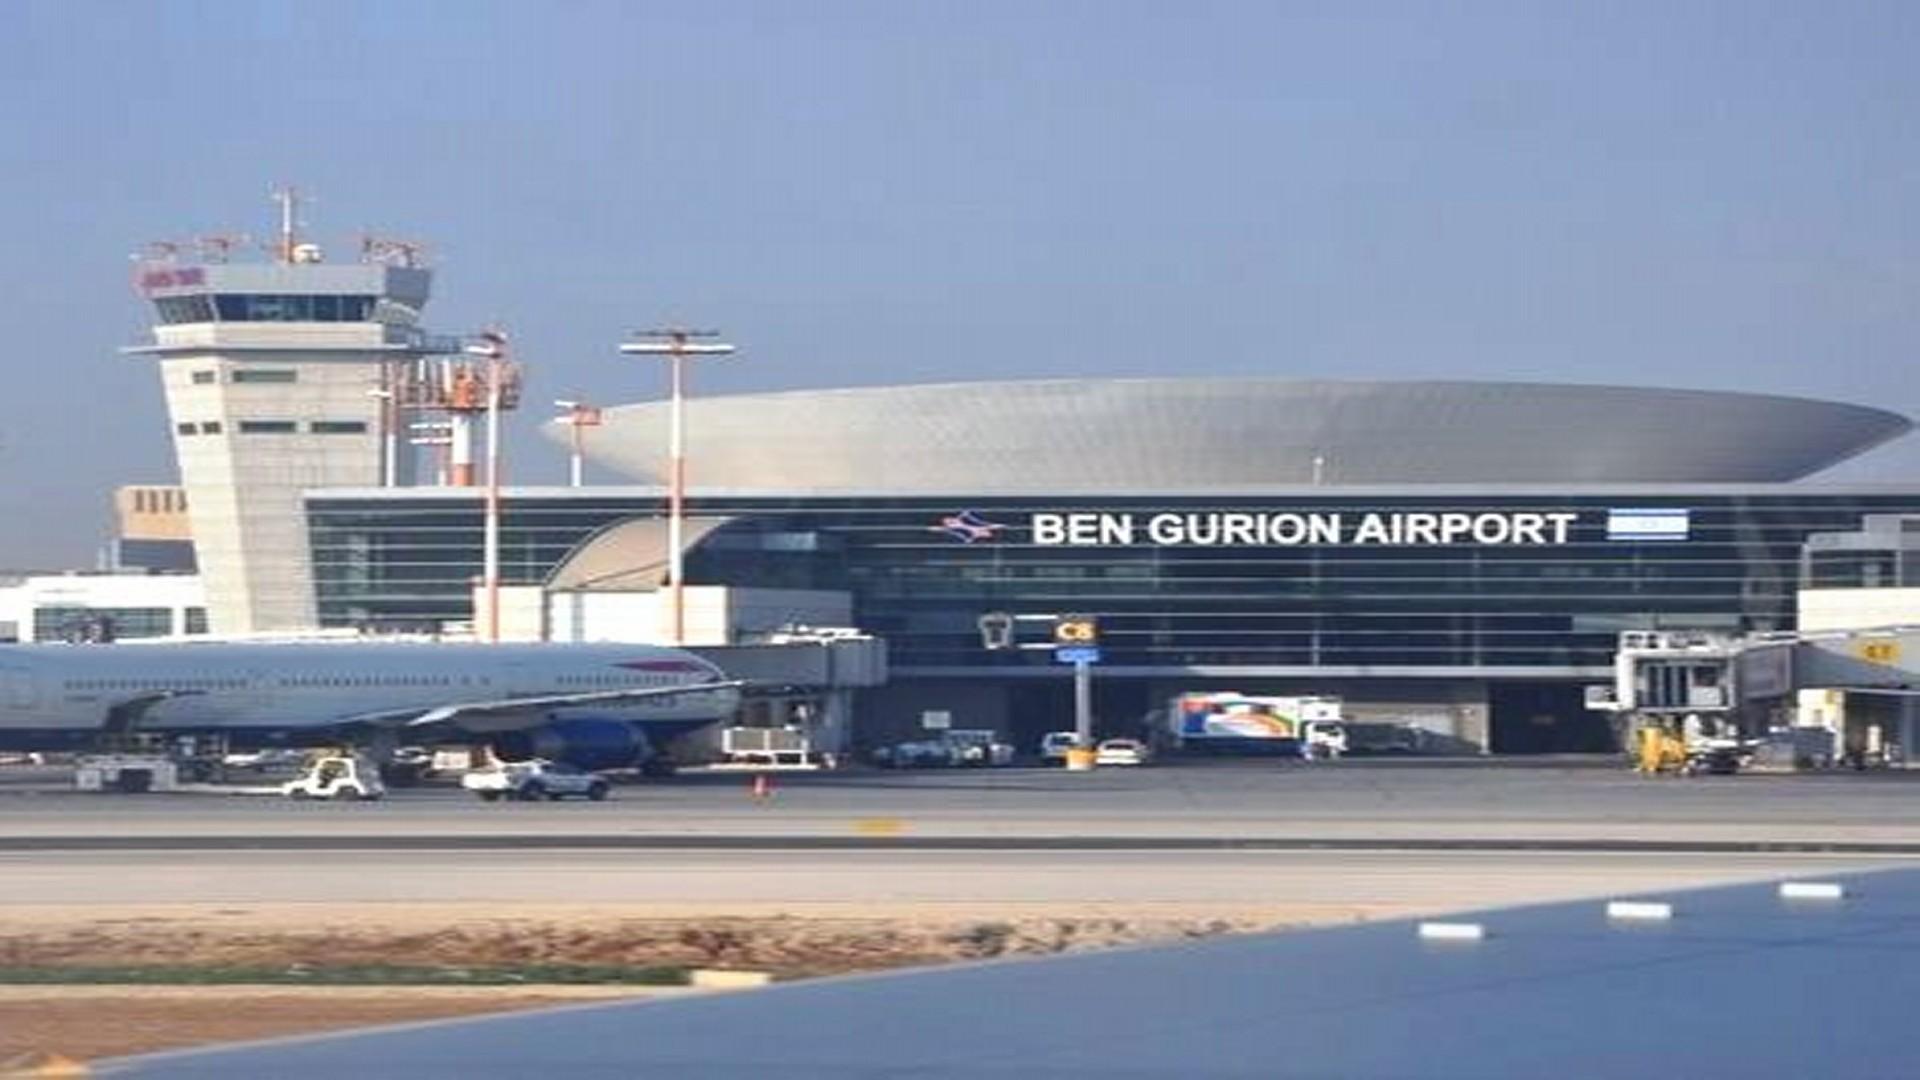 ФОТО: Ова е најбезбедниот аеродром во светот